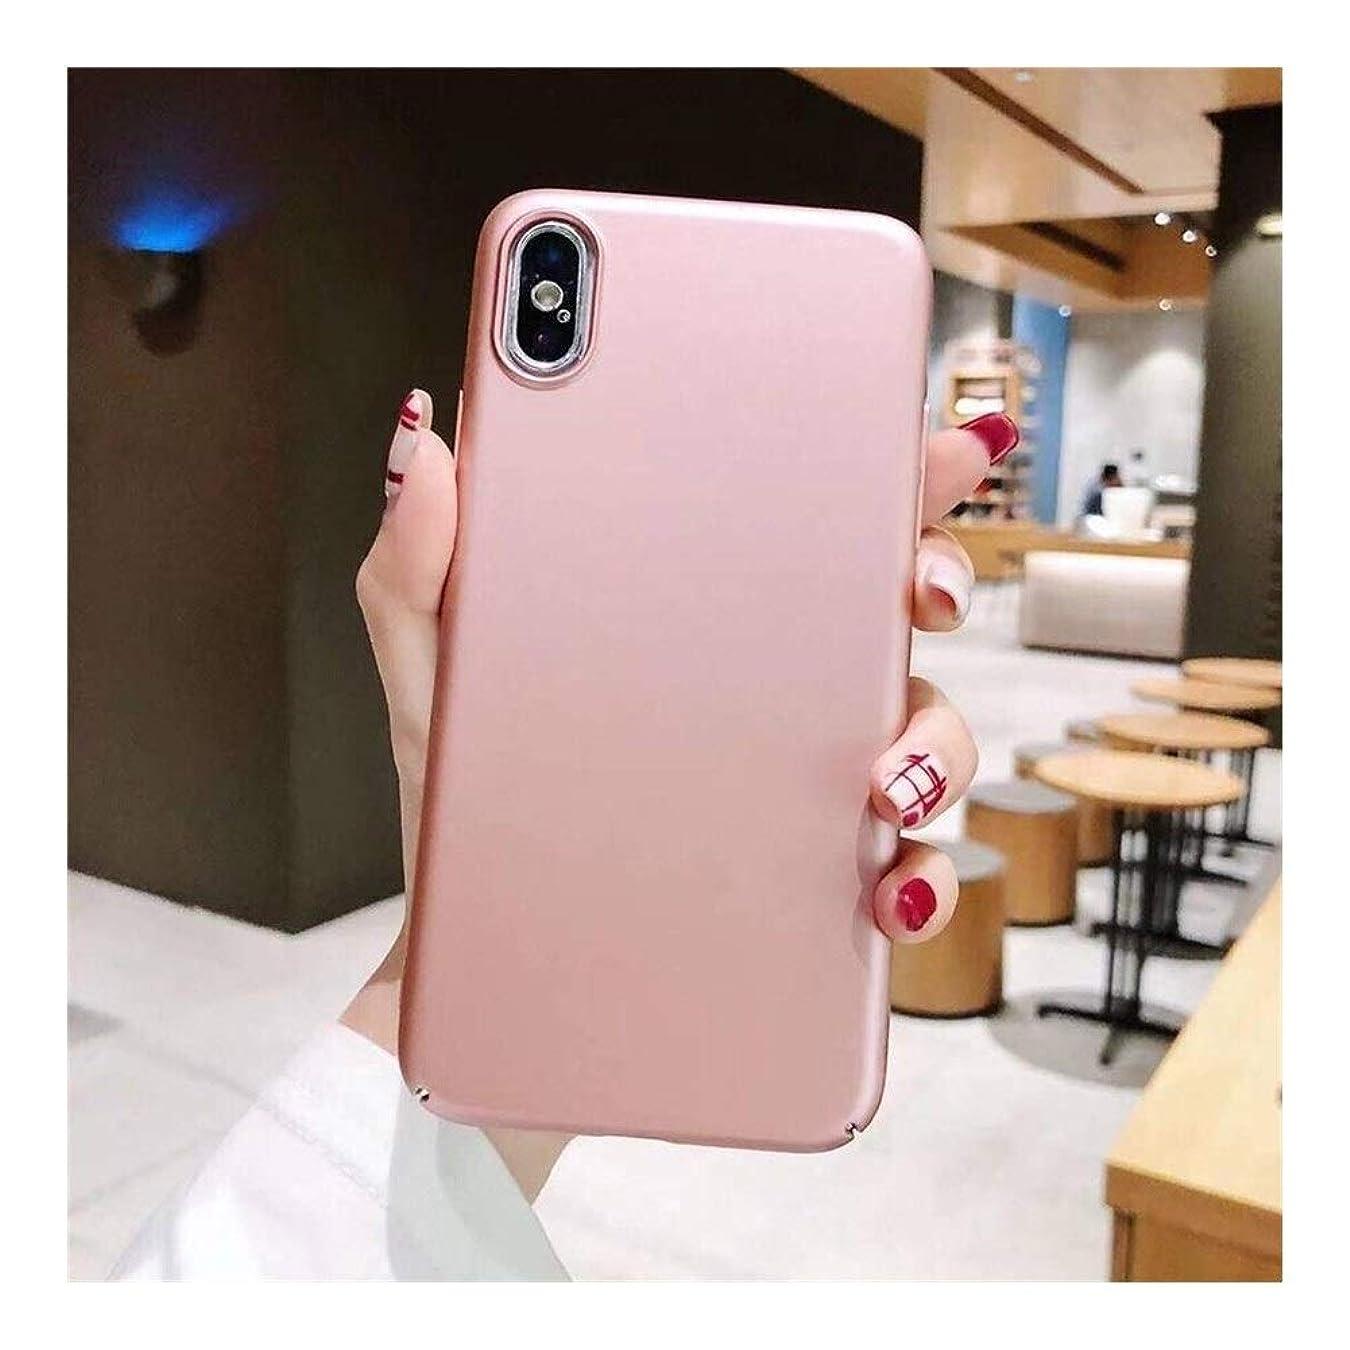 執着実装する家族CHINOU スマホケース for Iphone 11/XS MAS/X/XS/8/7/8P/7P/6/6S 携帯ケース カバー 落下防止 シンプル (Color : ピンク, Size : Iphone6/6S)